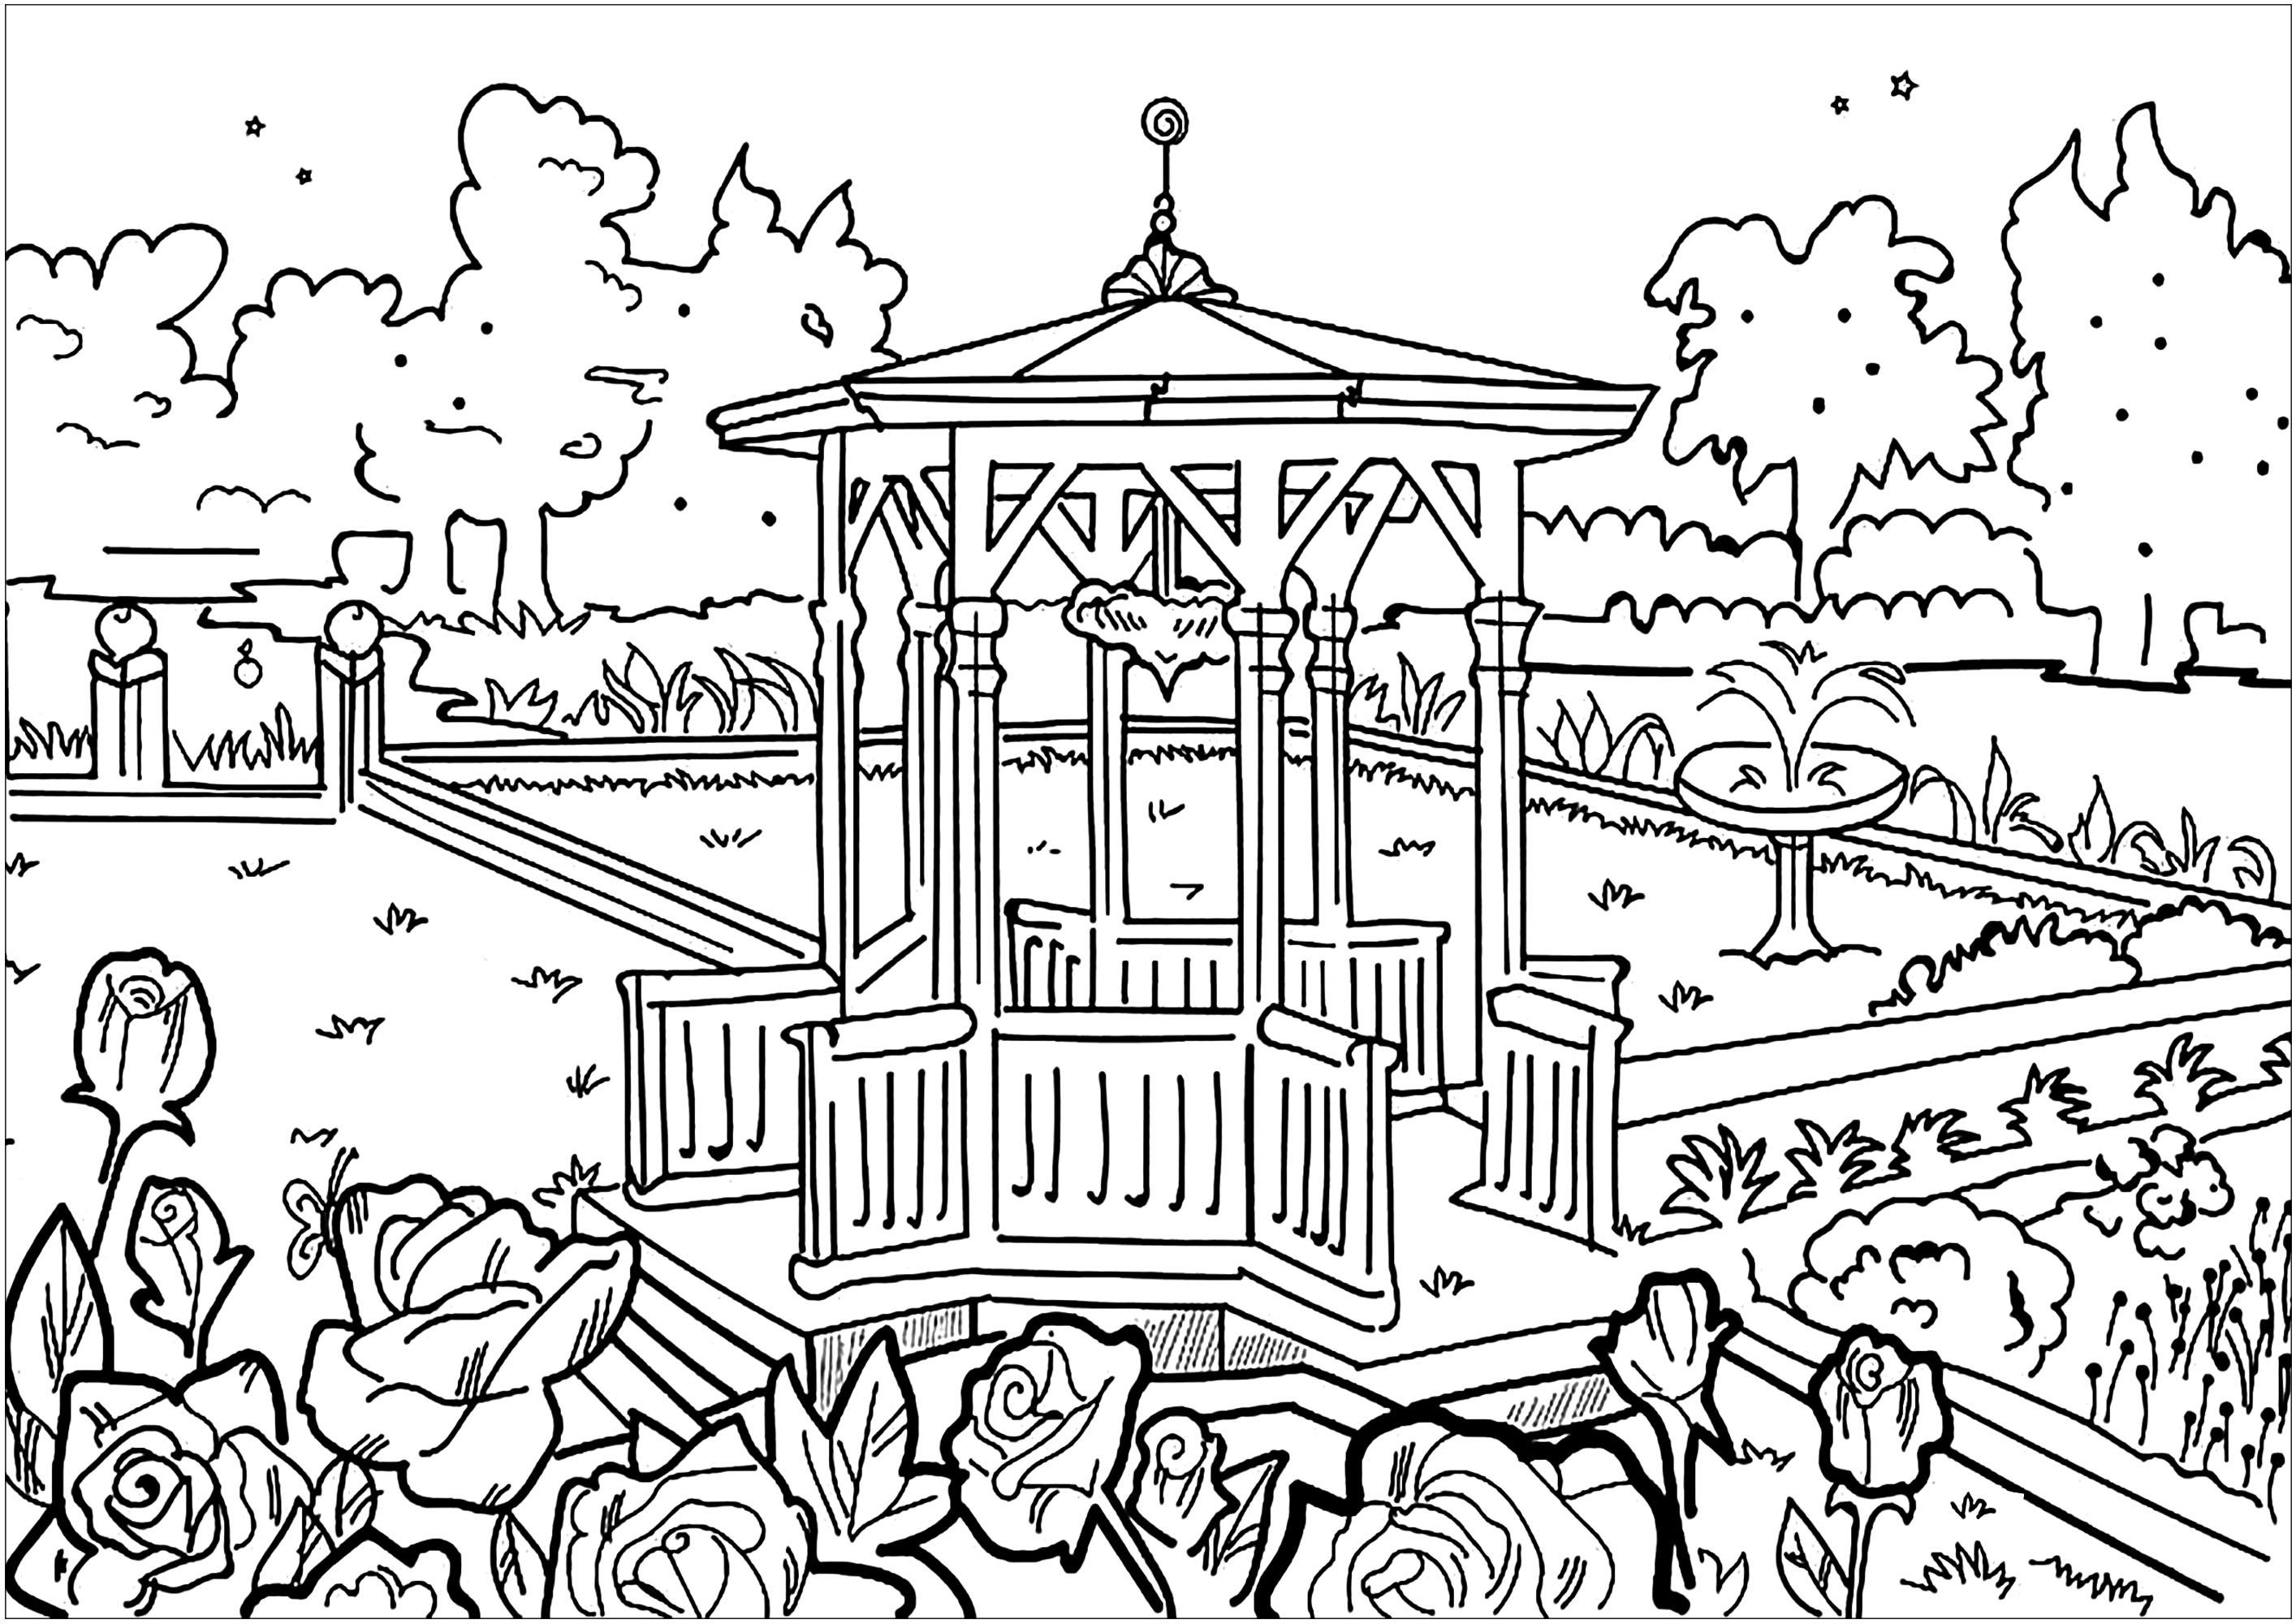 Évadez vous dans ce joli jardin public et son kiosque d'un autre temps